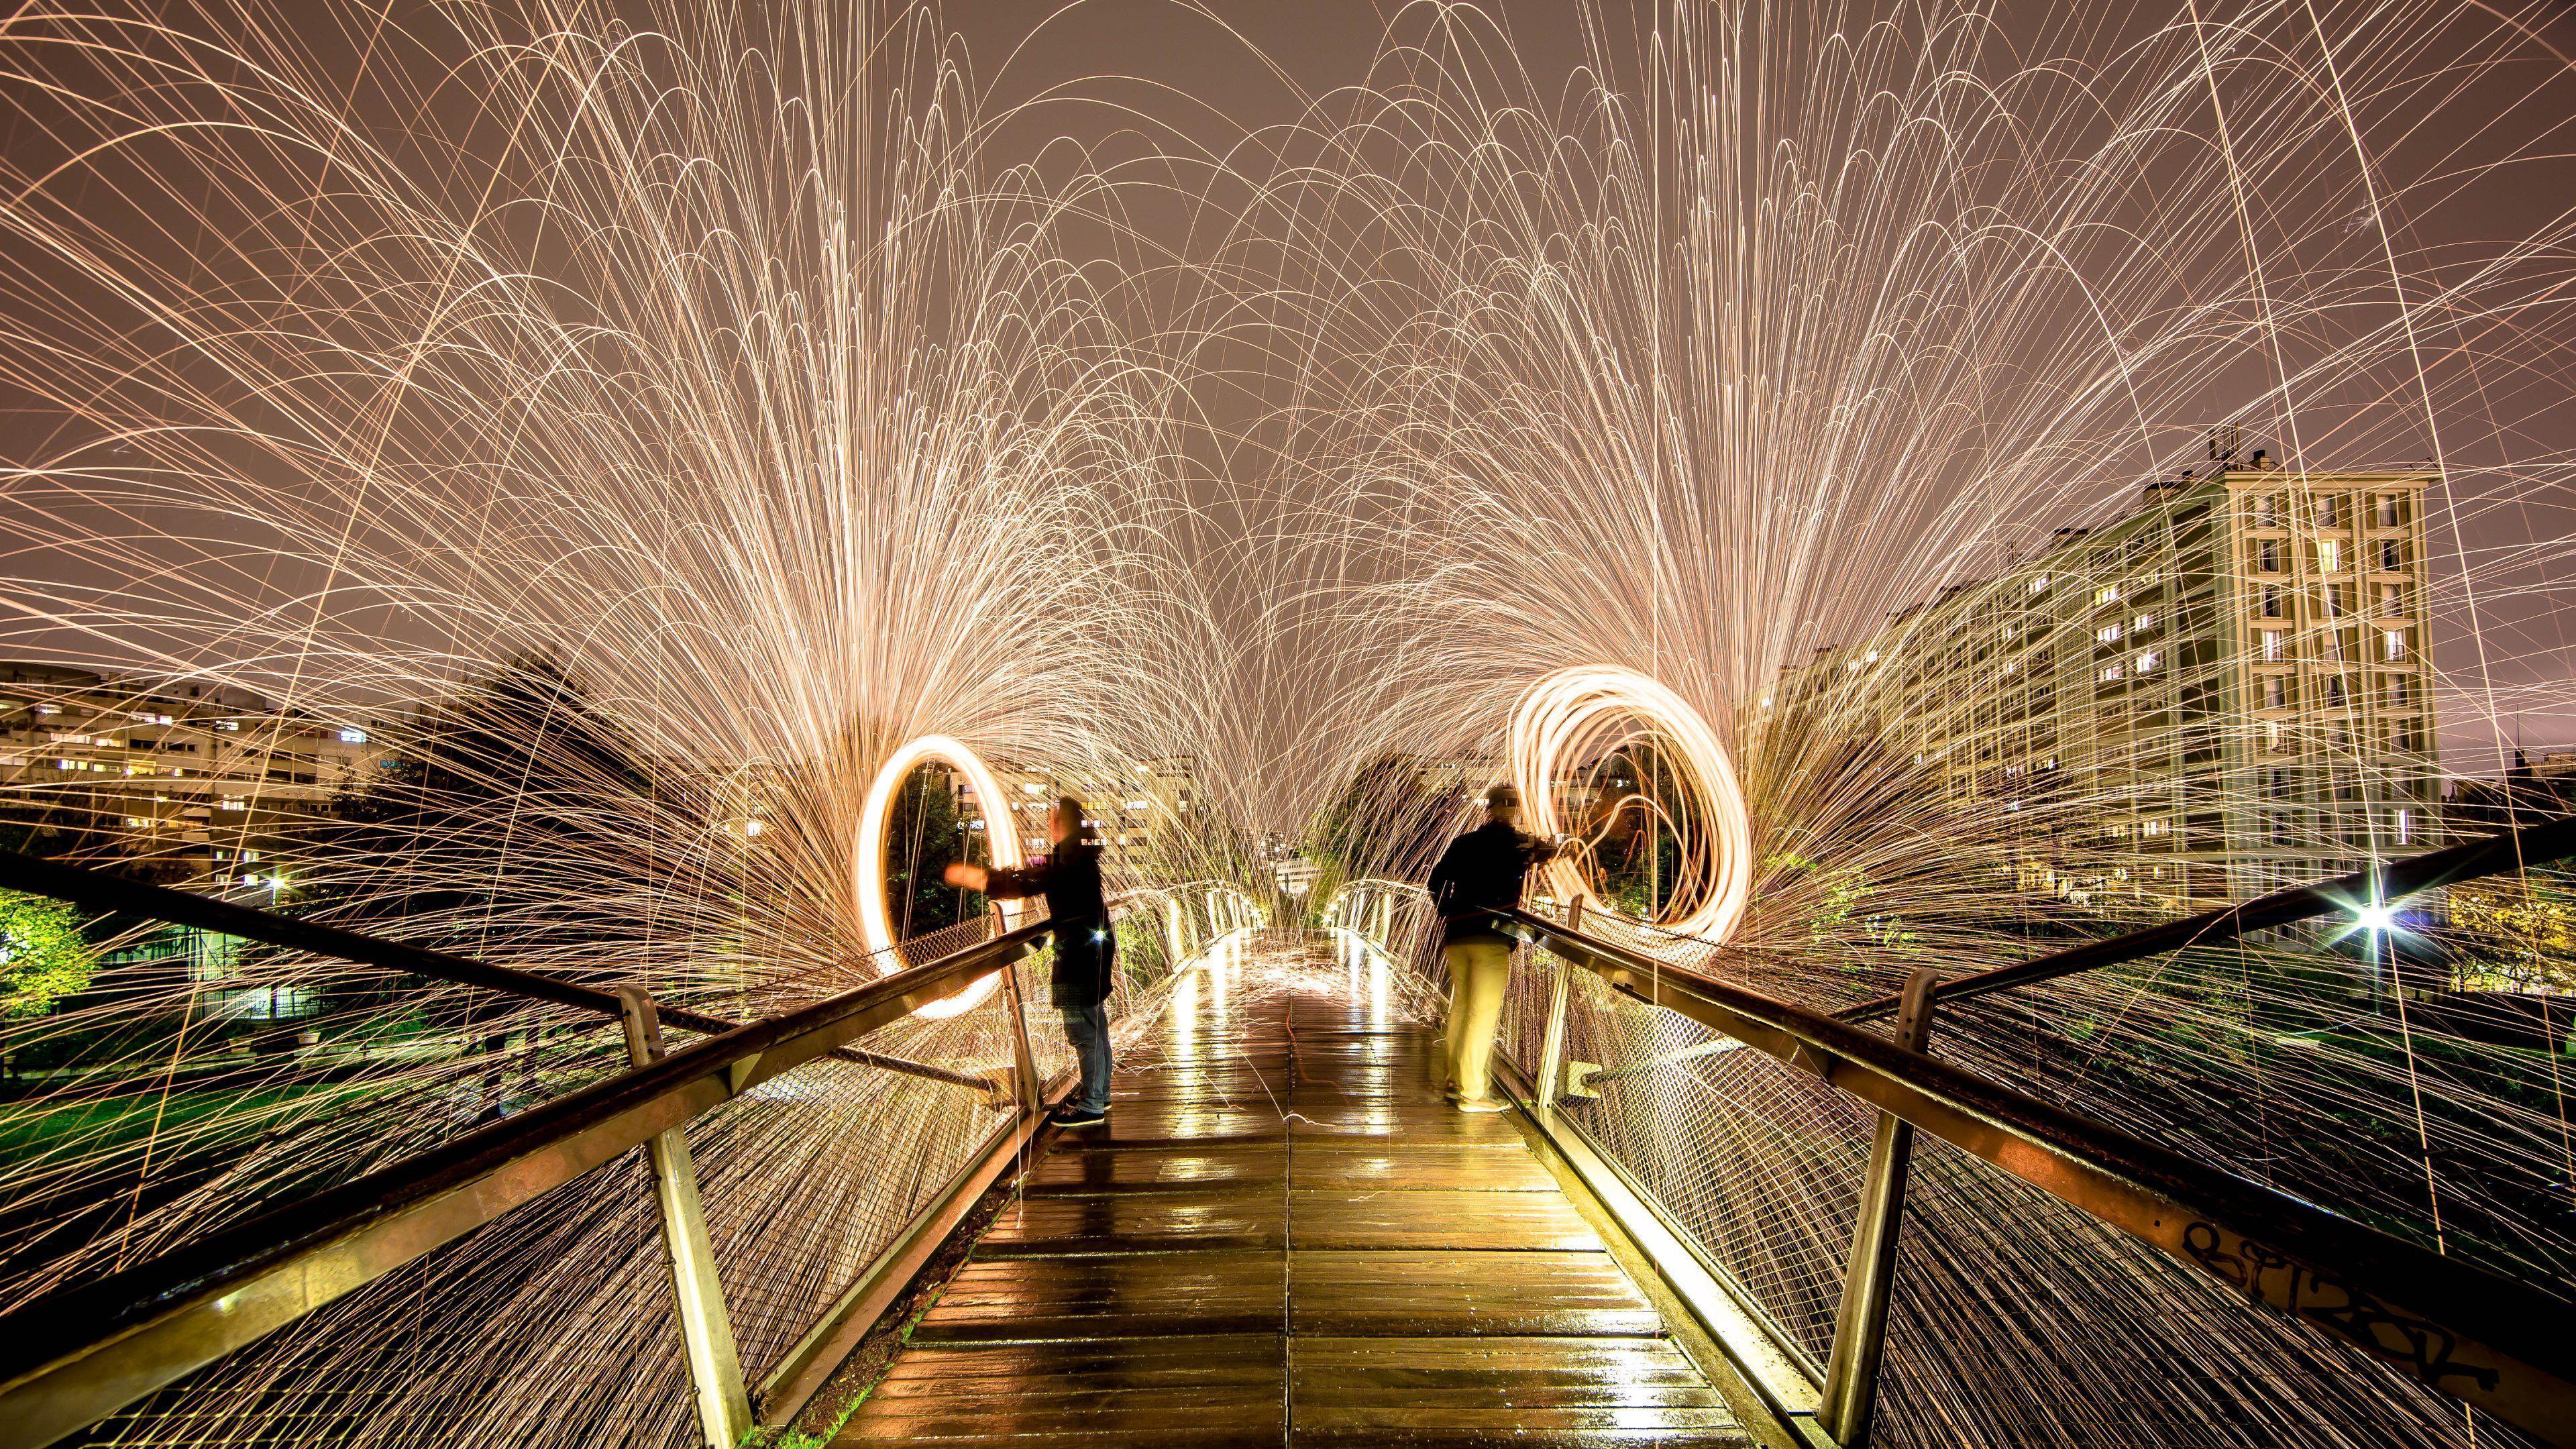 ultra hd wallpaper fireworks